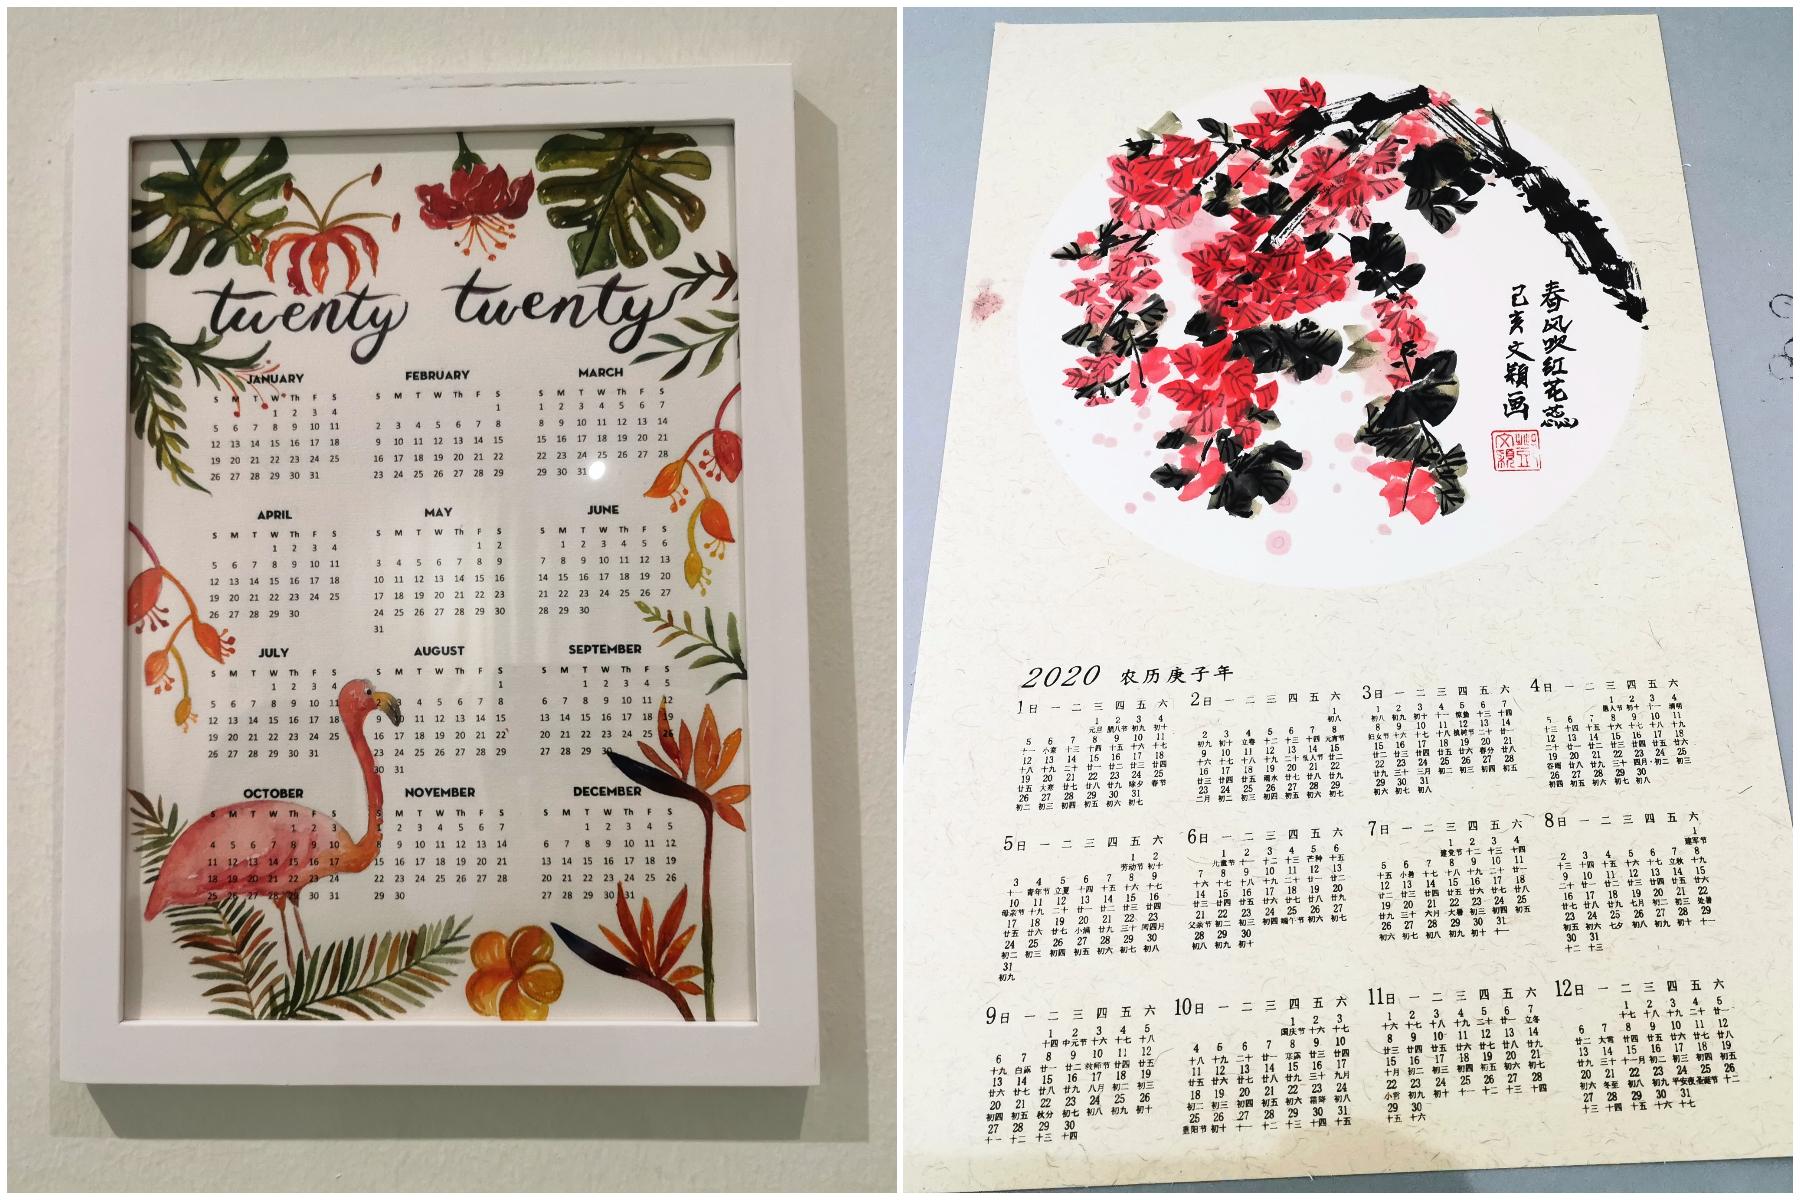 右边是水墨画日历,左边的则是热带雨林手绘日历。-杨琇媖摄-